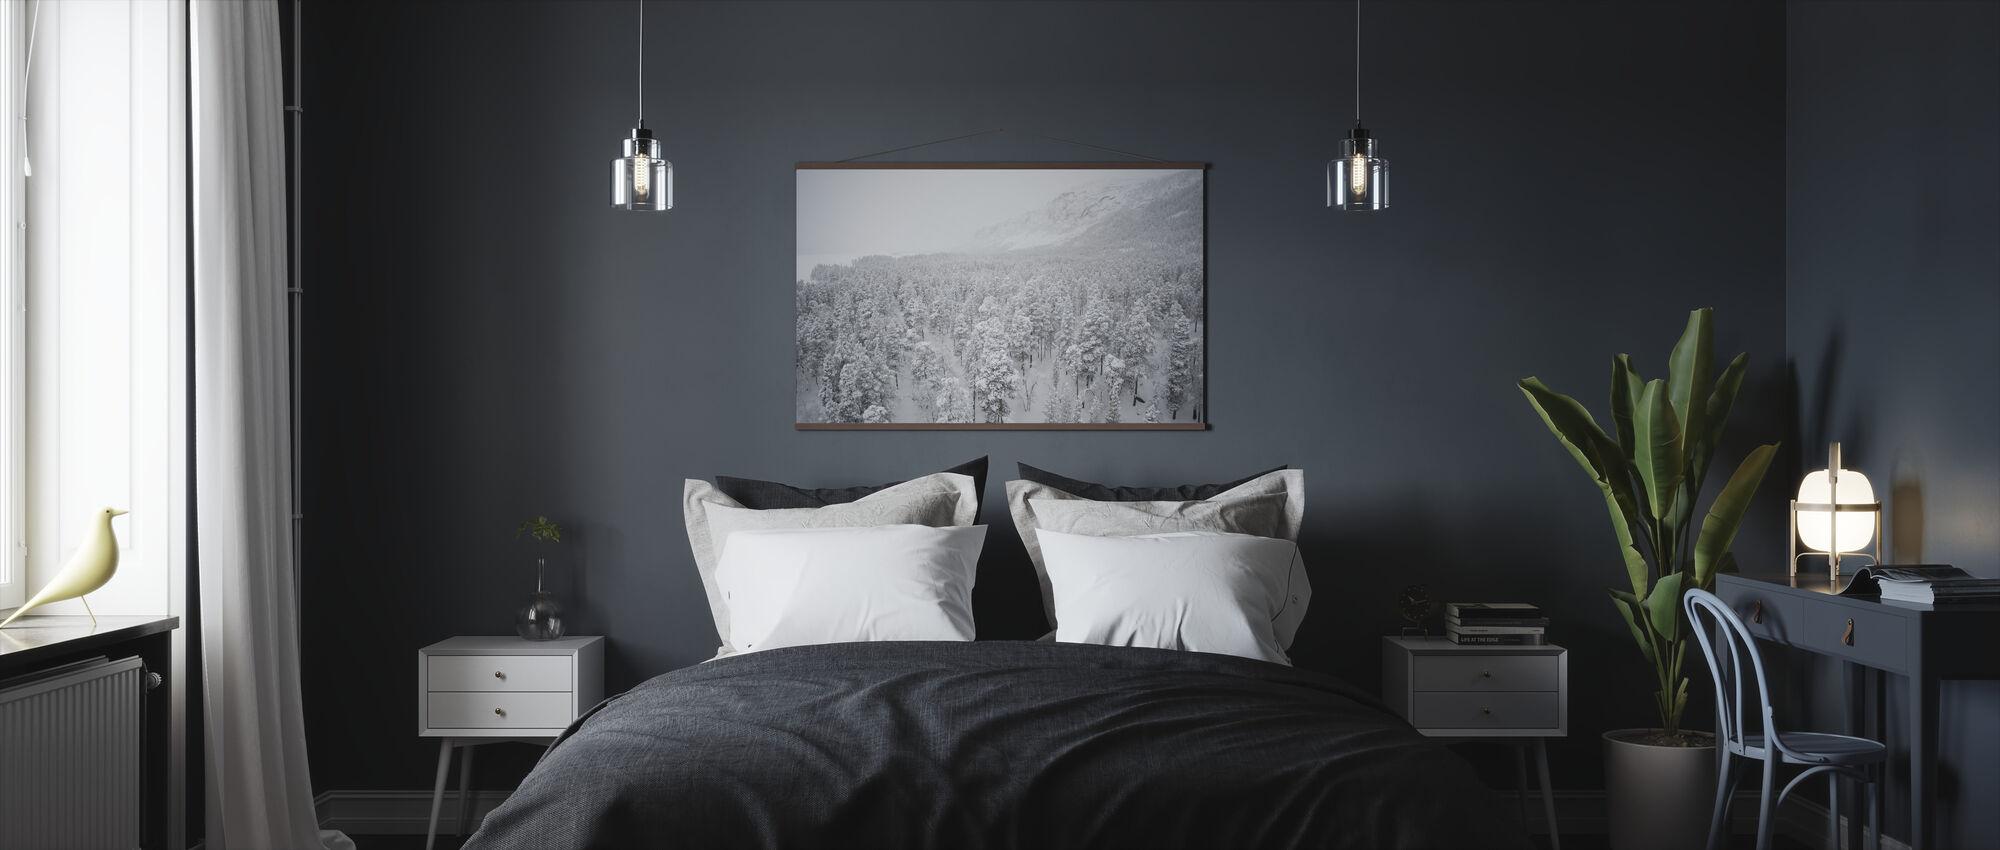 Snowy Firs in Jokkmokk, Sweden - Poster - Bedroom